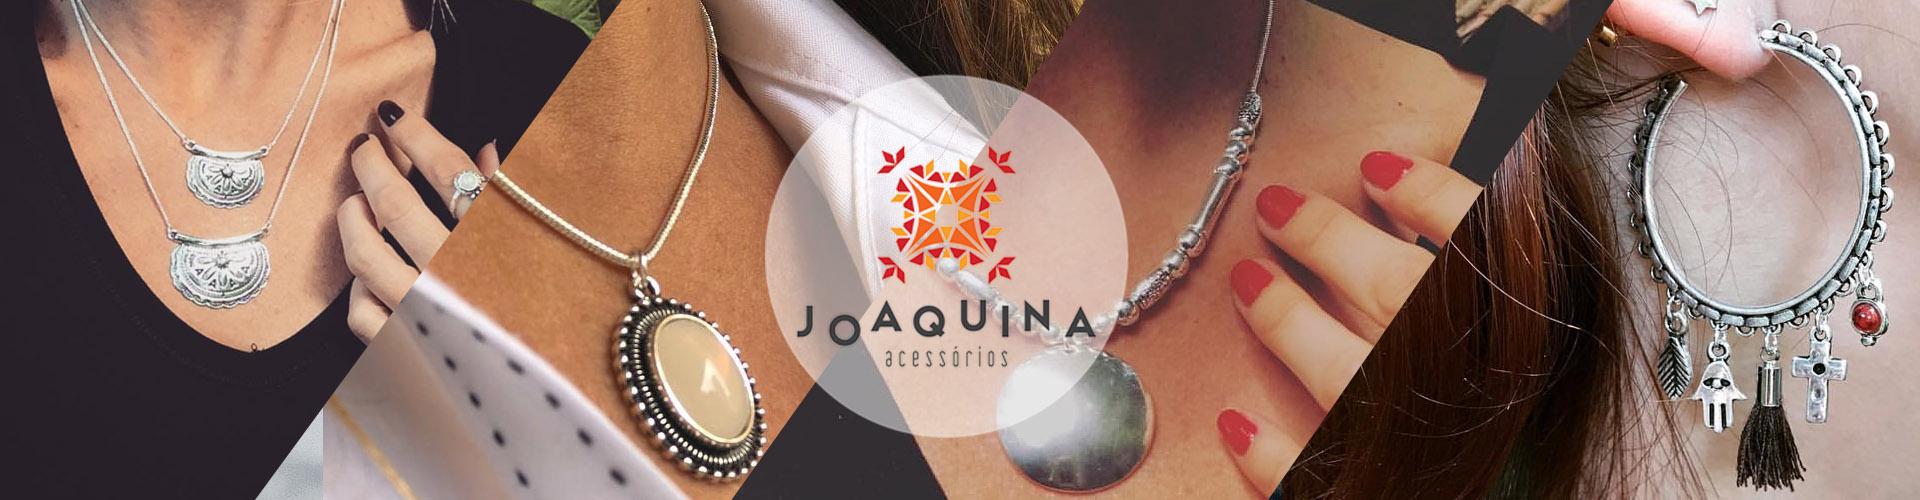 Joaquina_acessorios